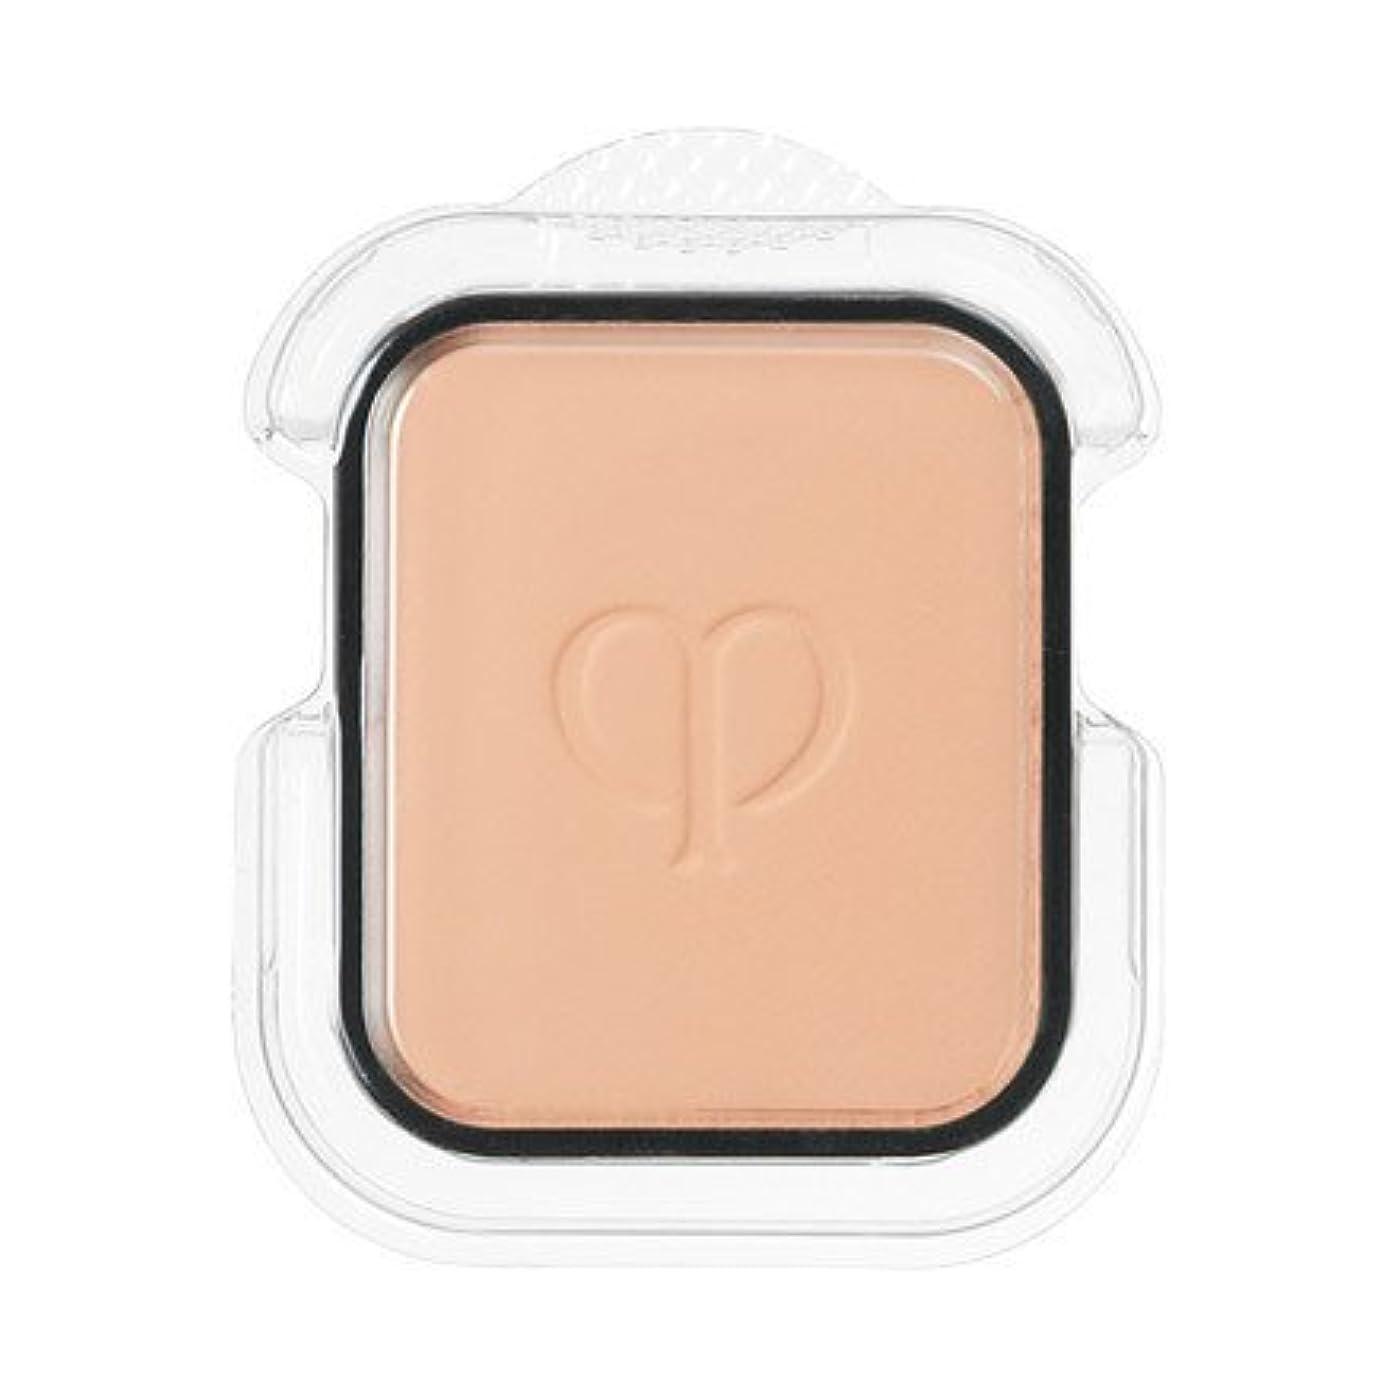 平均一時的表面的な【SHISEIDO(資生堂)】【Cle de Peau Beaute (クレ・ド・ポー ボーテ) 】タンプードルエクラ (レフィル) ピンクオークル 10